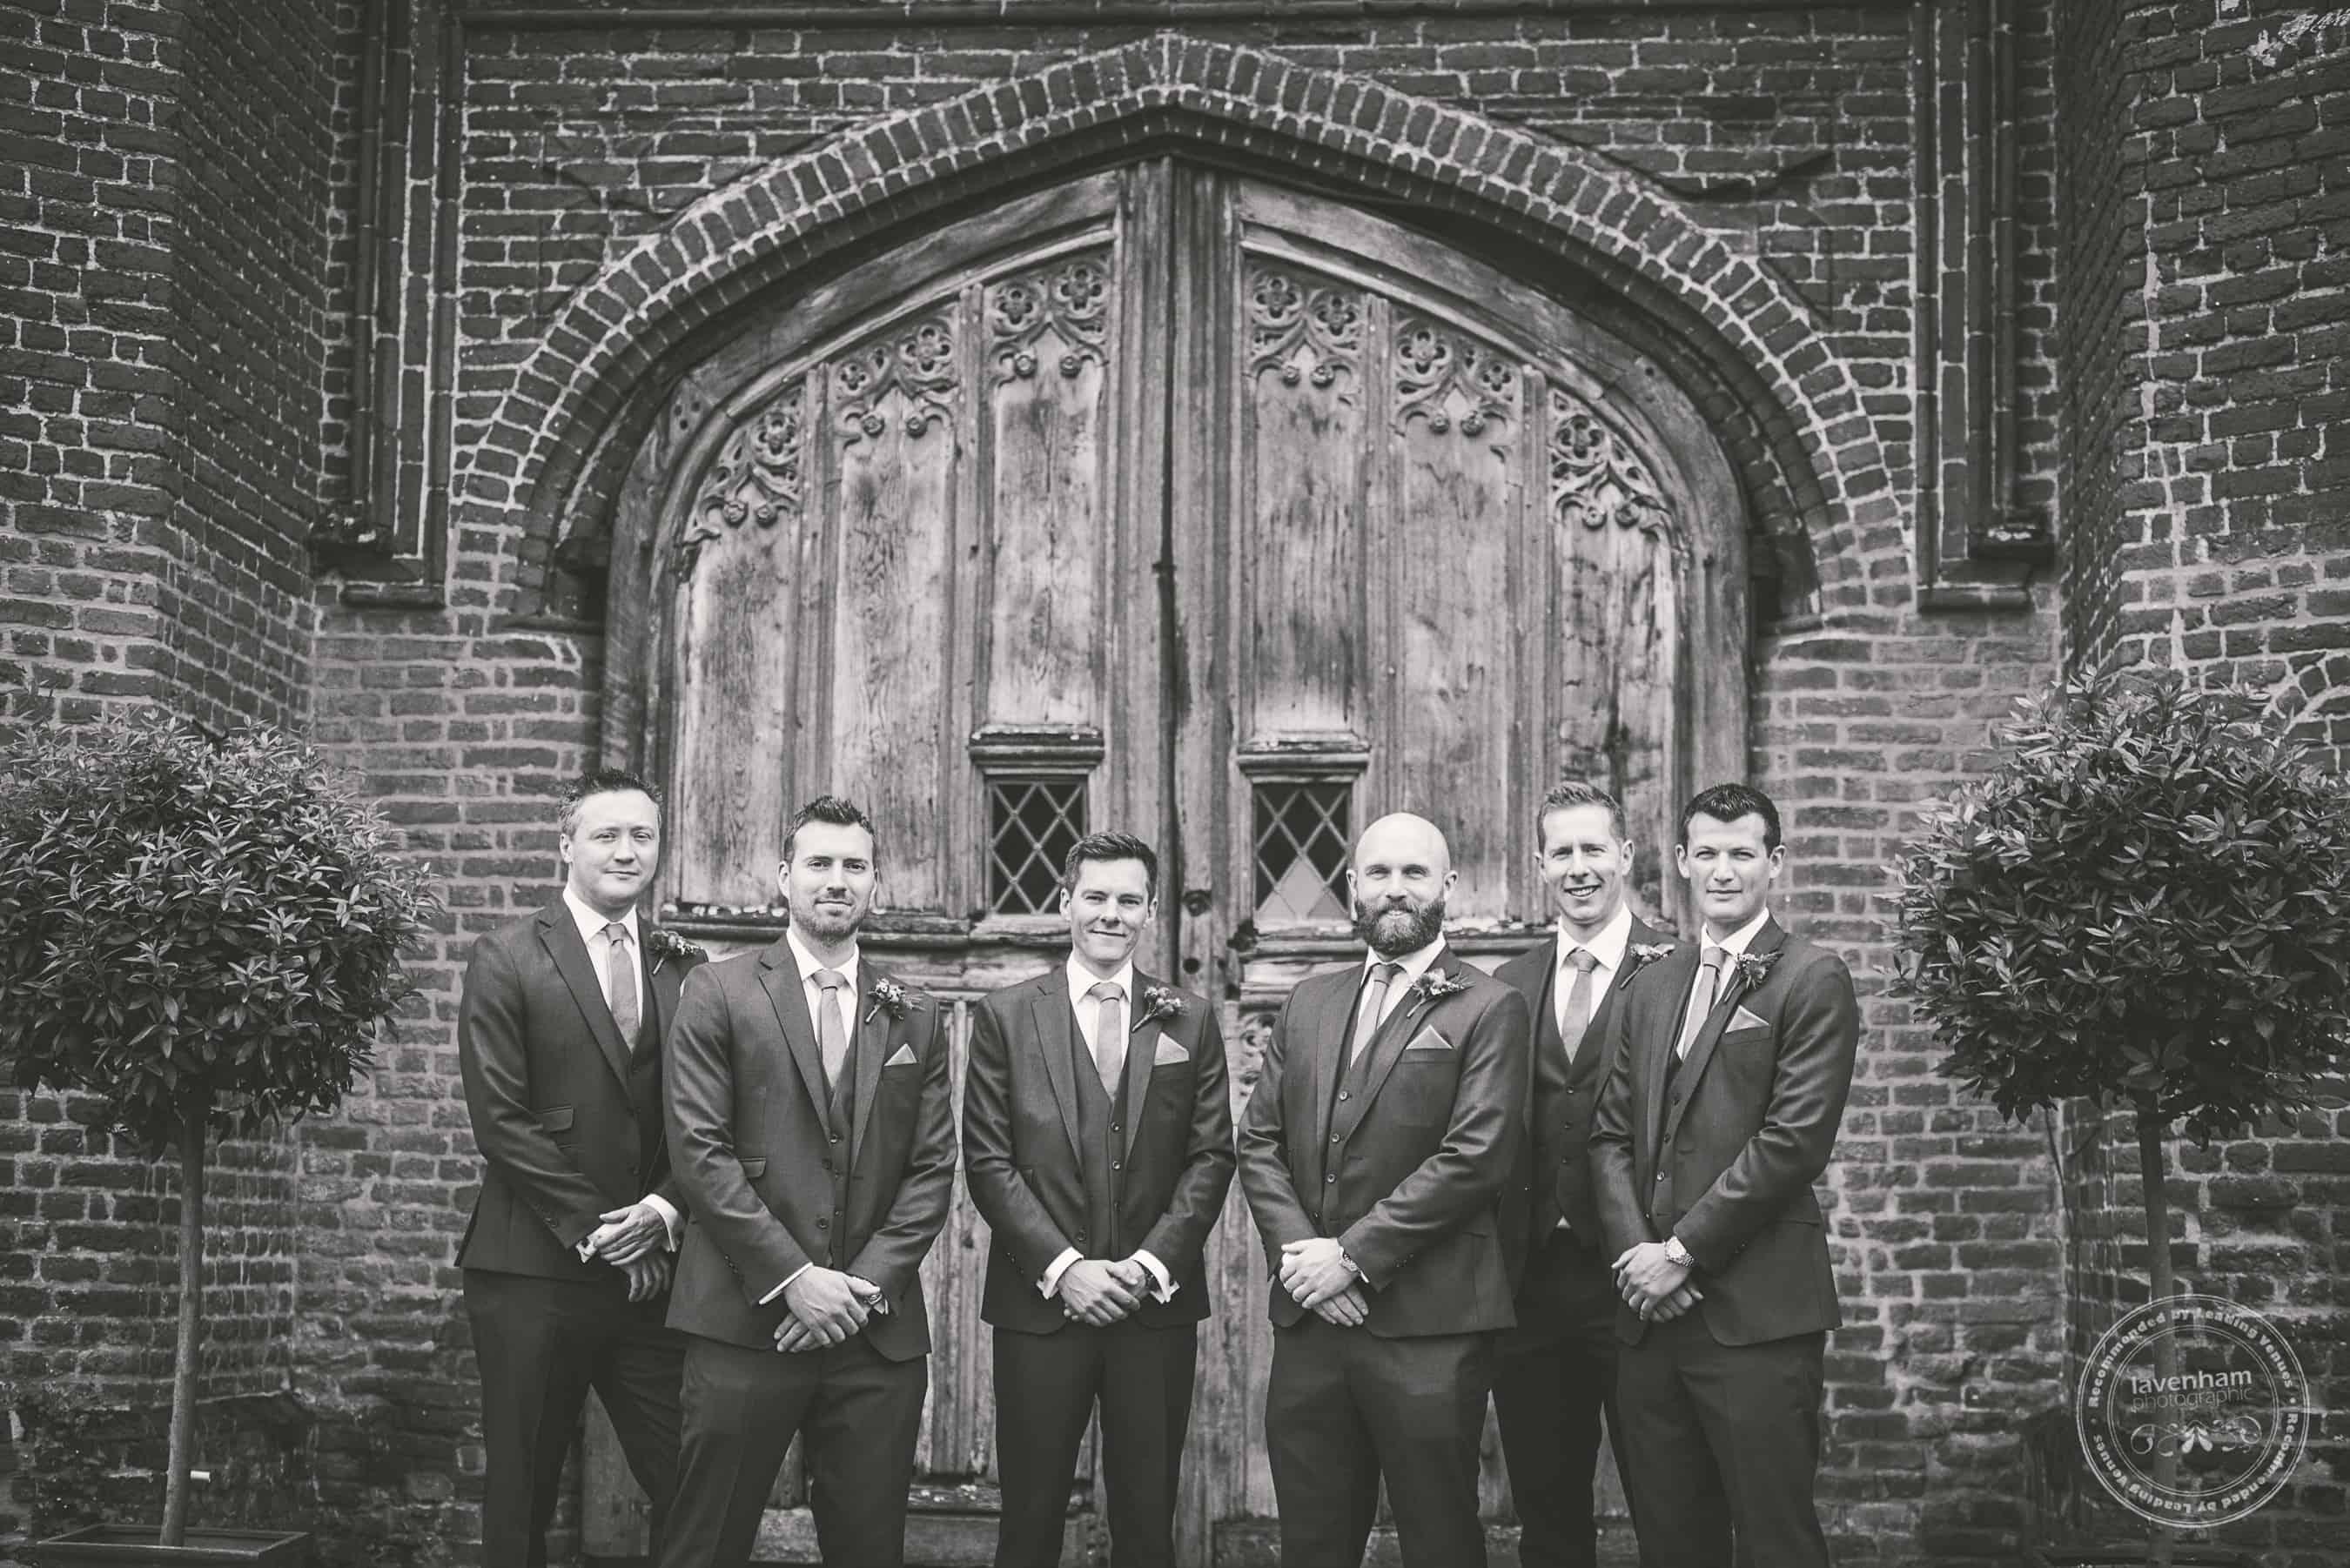 020618 Leez Priory Wedding Photography Lavenham Photographic 015